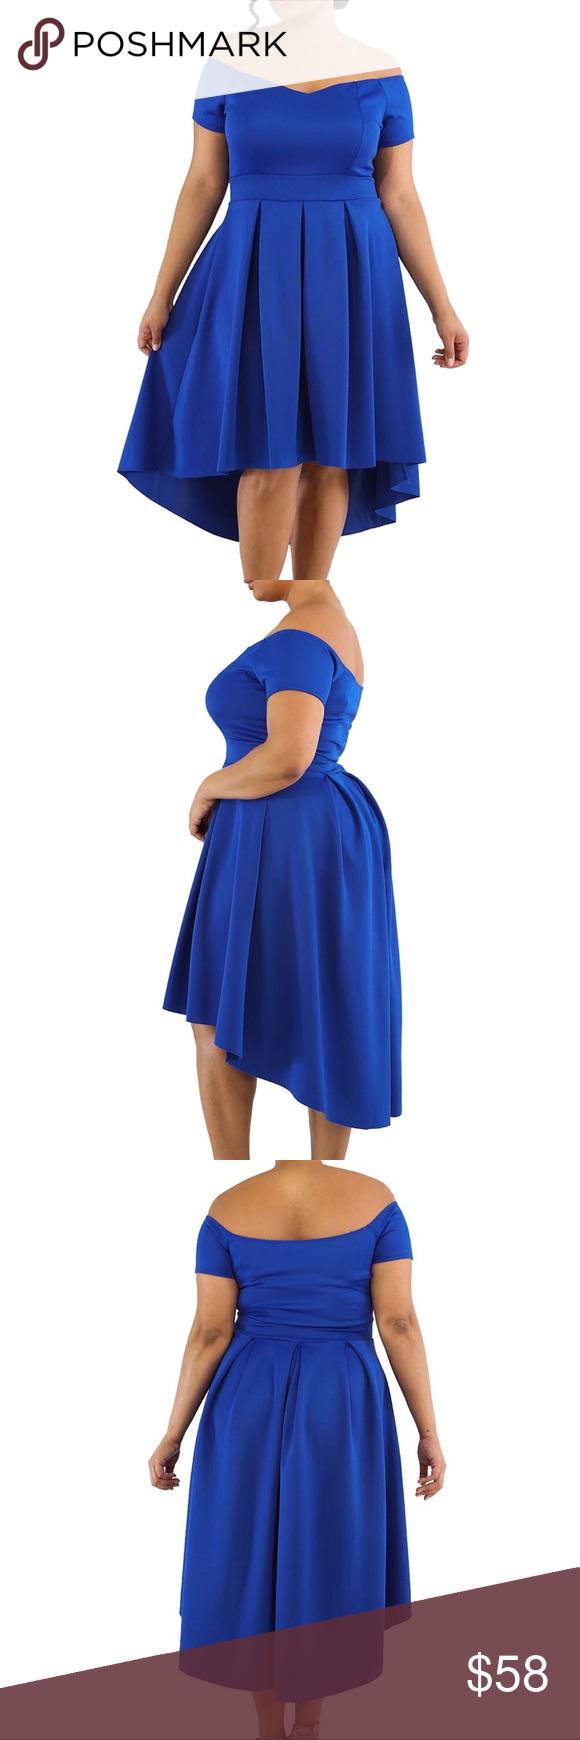 e4c7faf29f8e3 💙Plus Sexy Curve Off Shoulder Hi-Lo Dress